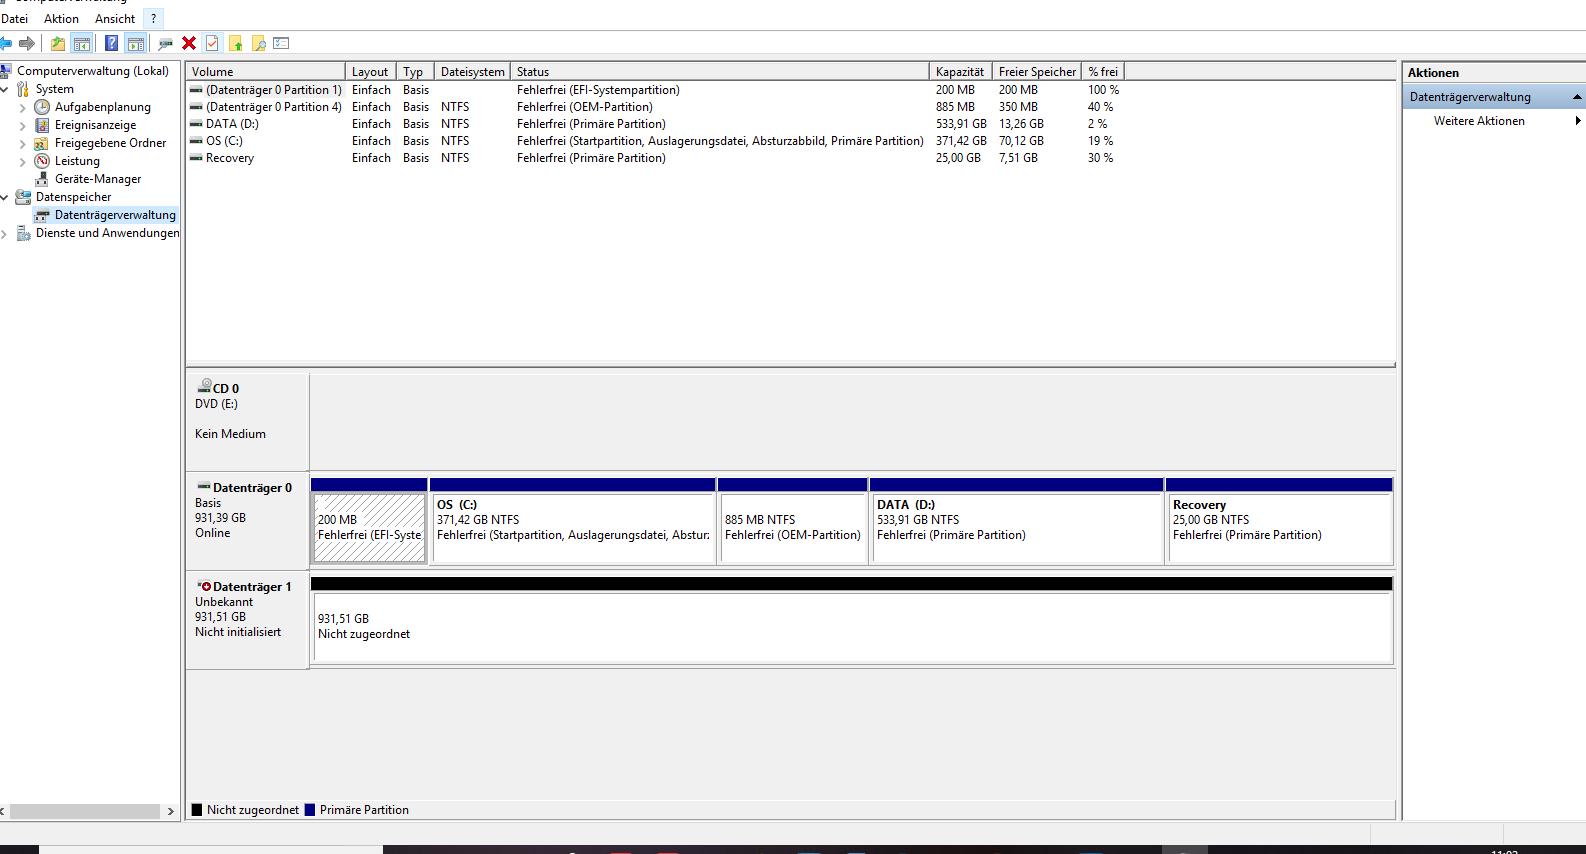 USB Anschluß in meinen Laptop gesteckt, allerdings wird die Externe nicht in der Liste aufgeführt